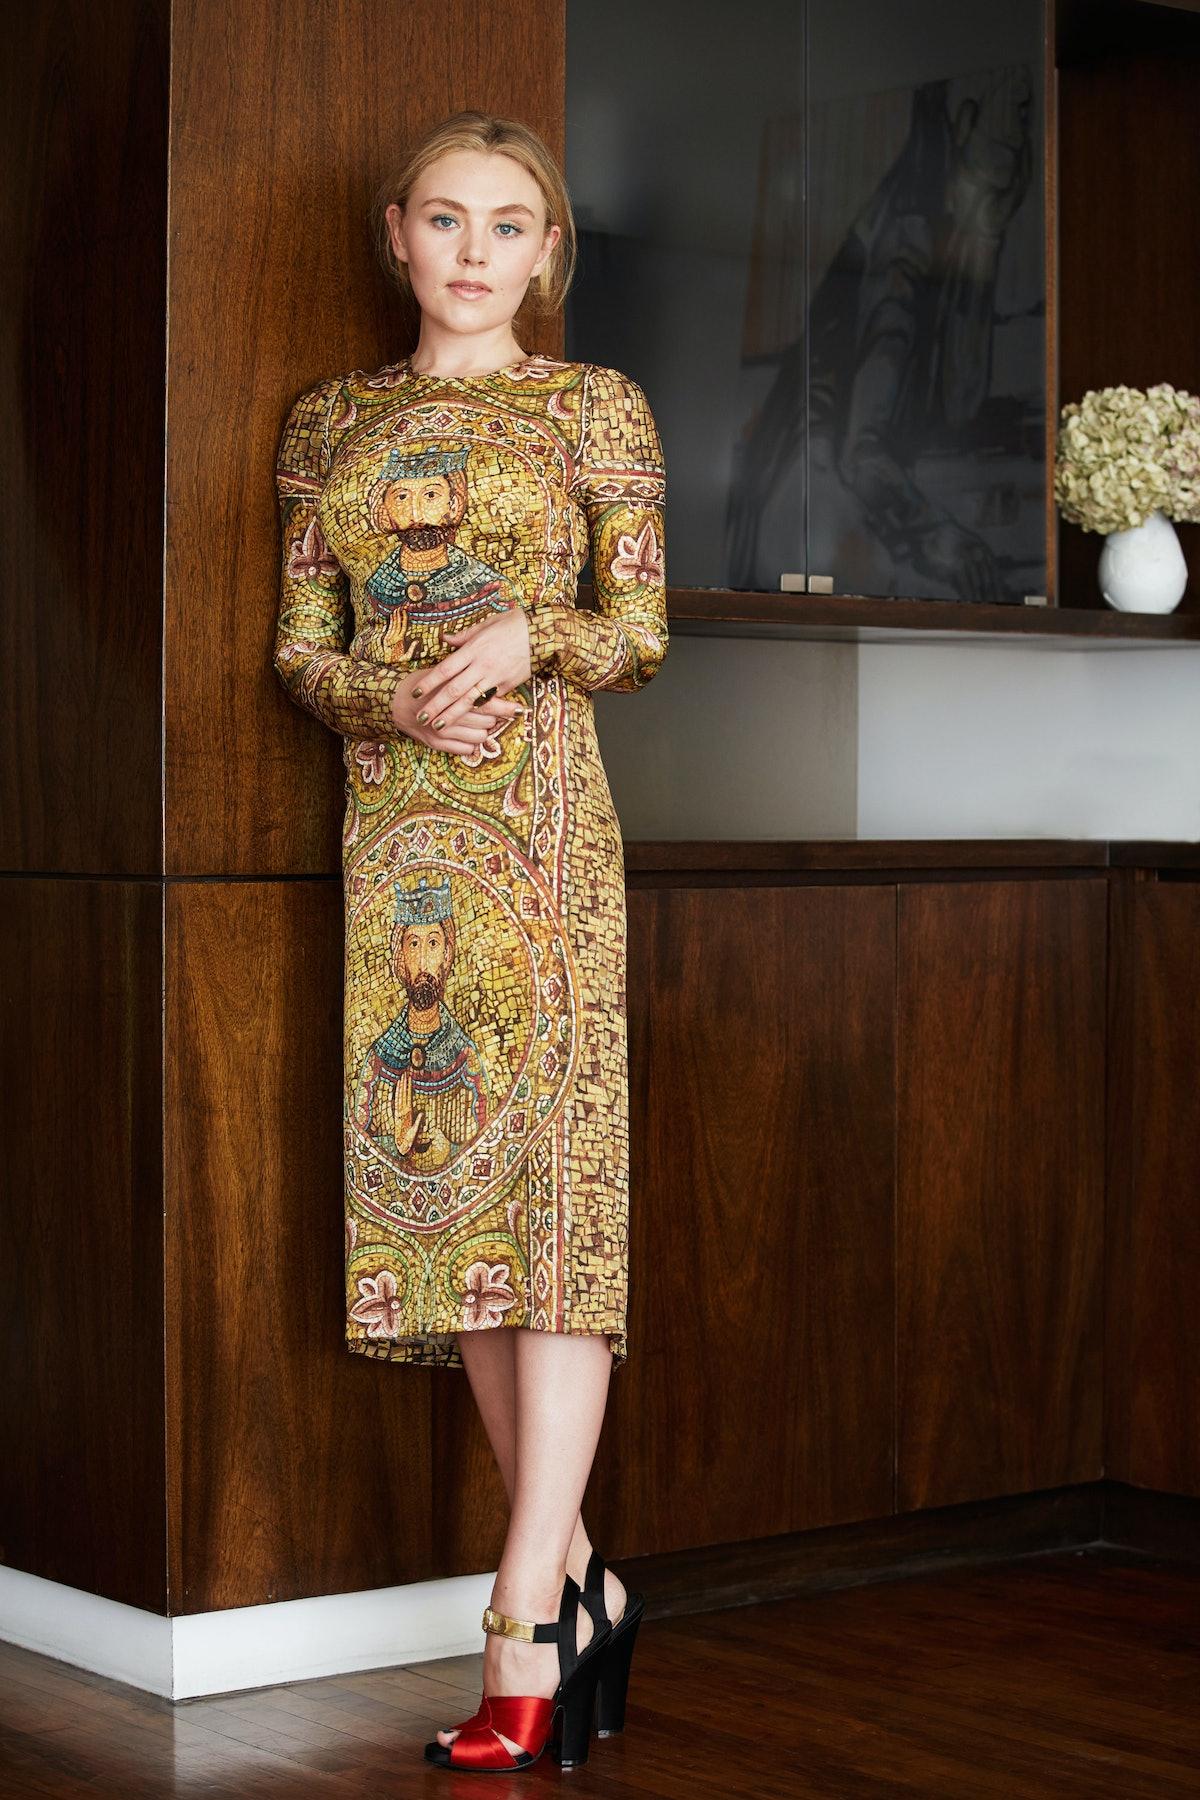 fass-katie-becker-statement-dresses-portrait